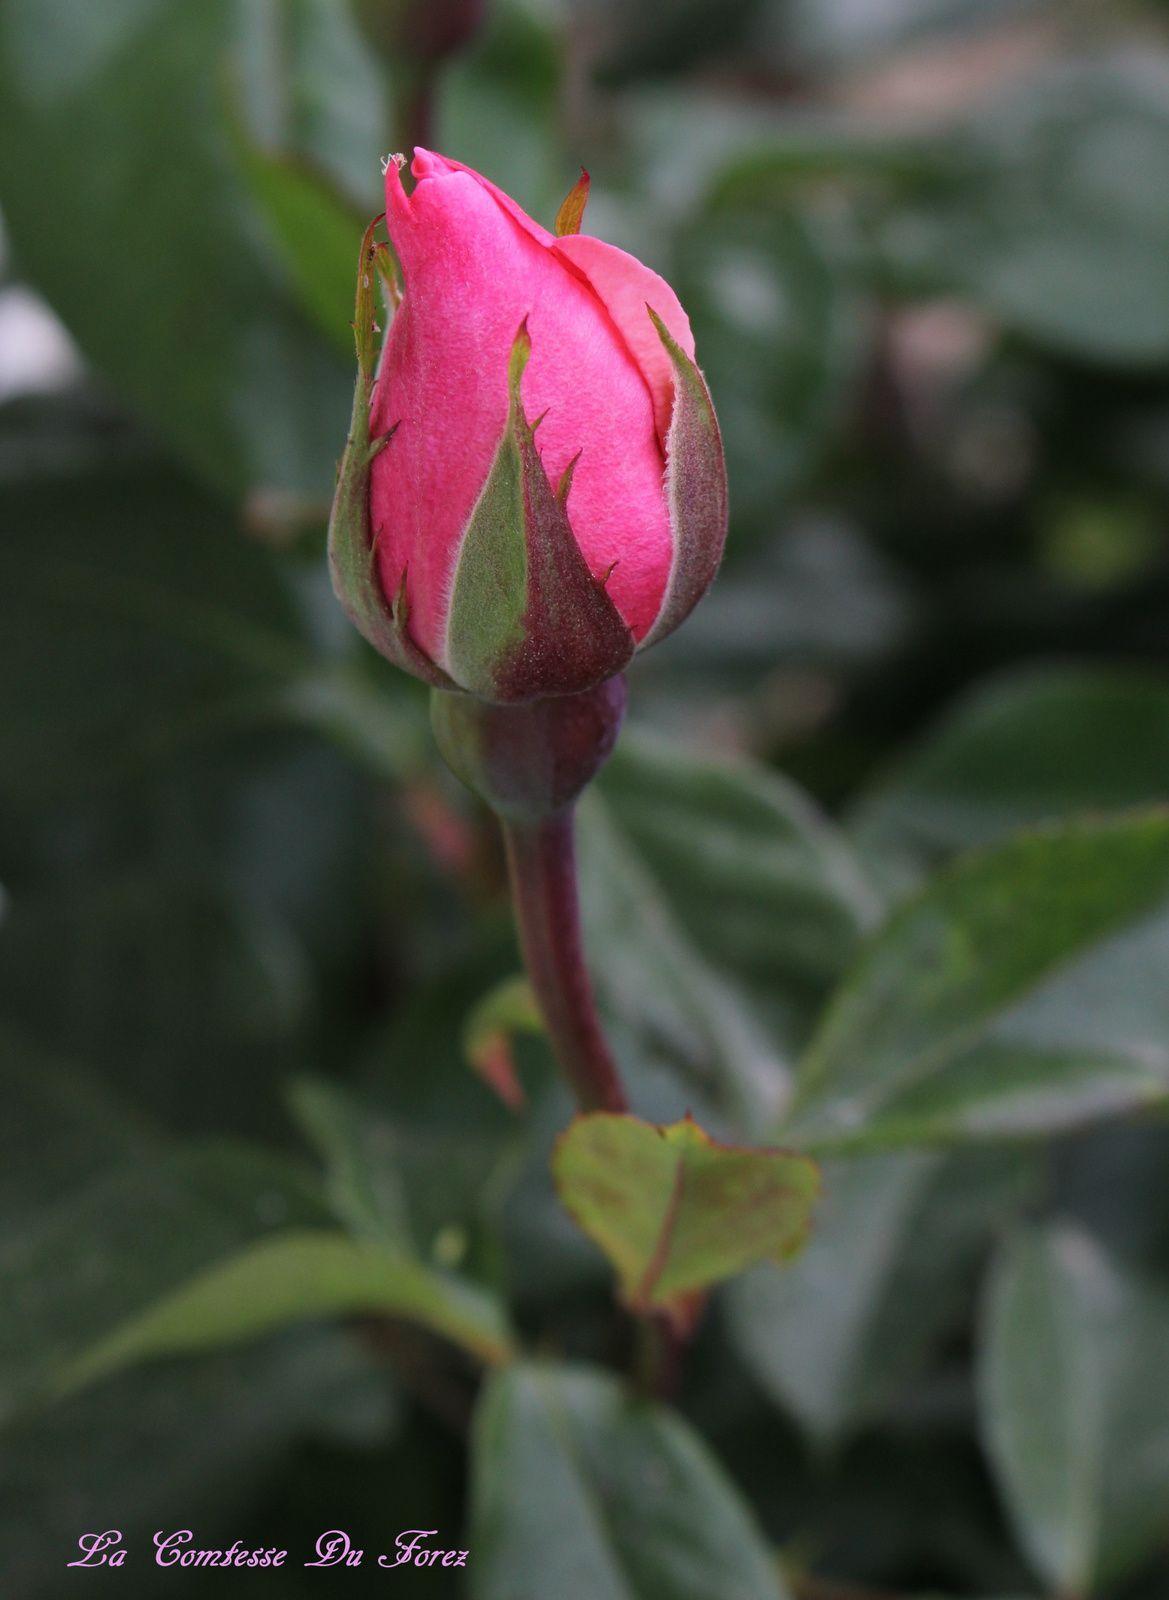 Au Jardin ......de nouvelles pousses colorées